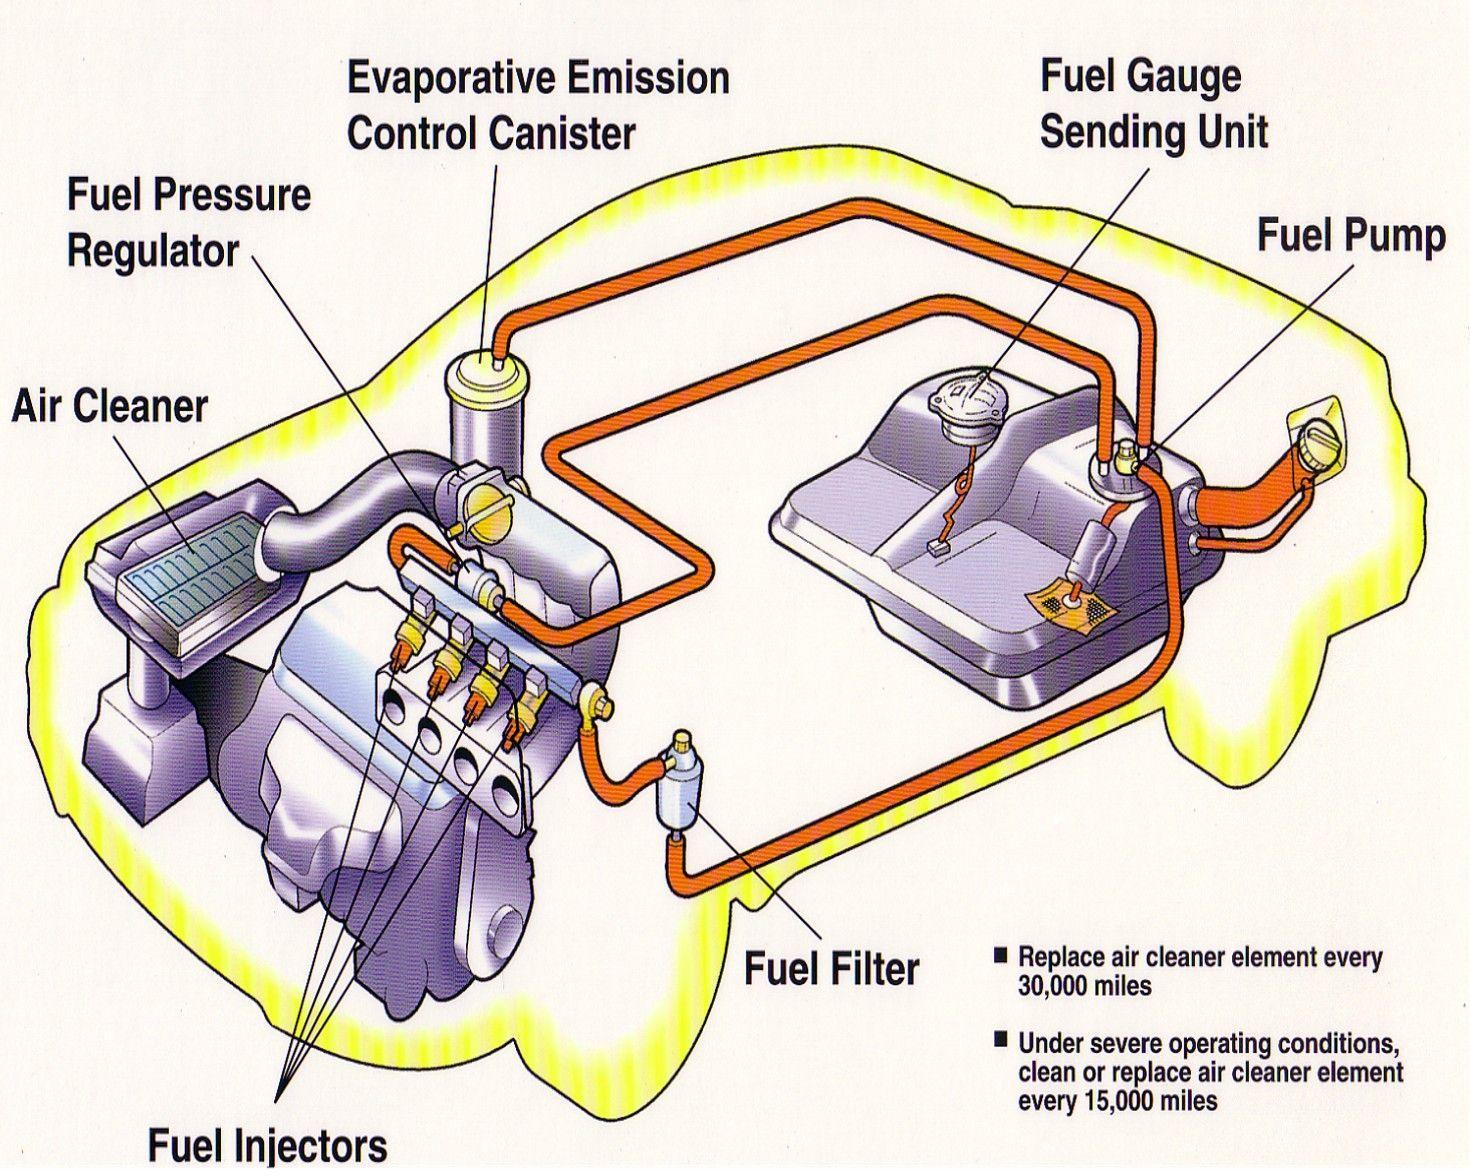 Basic Car Parts Diagram | FuelInject.jpg (433288 bytes) | auto ...